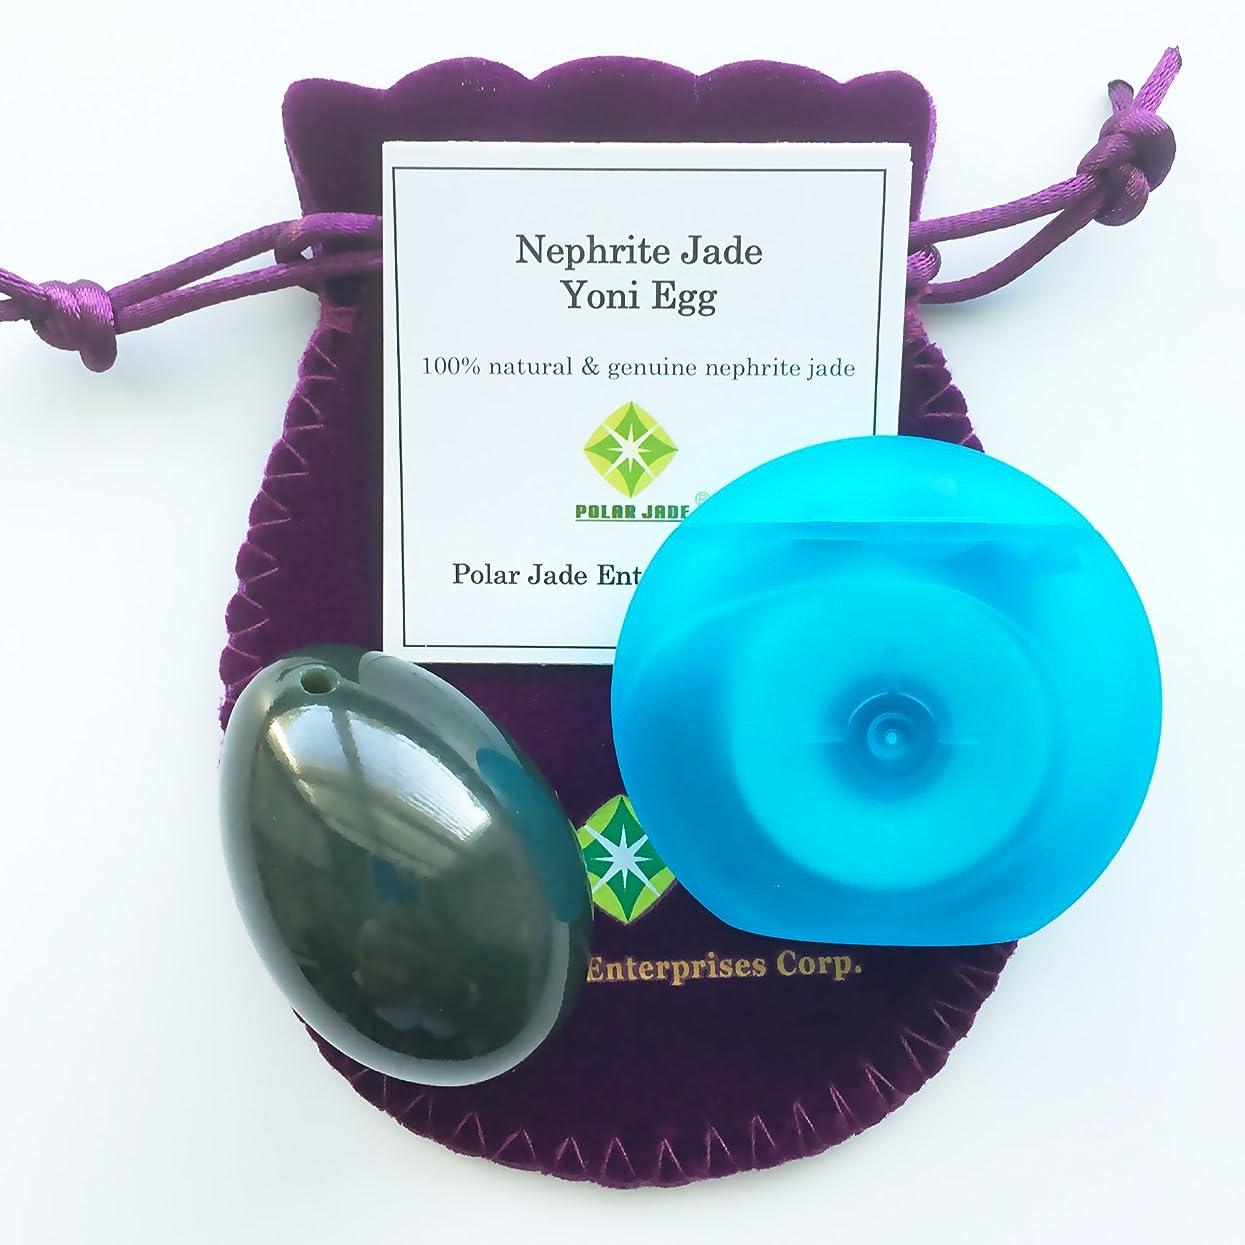 保育園バレル抑制ネフライト翡翠卵(ジェイドエッグ)、紐穴あり、ワックス加工のされていないデンタルフロス一箱同梱、品質証明書及びエッグ?エクササイズの使用説明書(英語)付き、パワーストーンとしても好適 (Nephrite Jade Egg with Unwaxed Dental Floss), by Polar Jade社(Mサイズ(43x30mm))